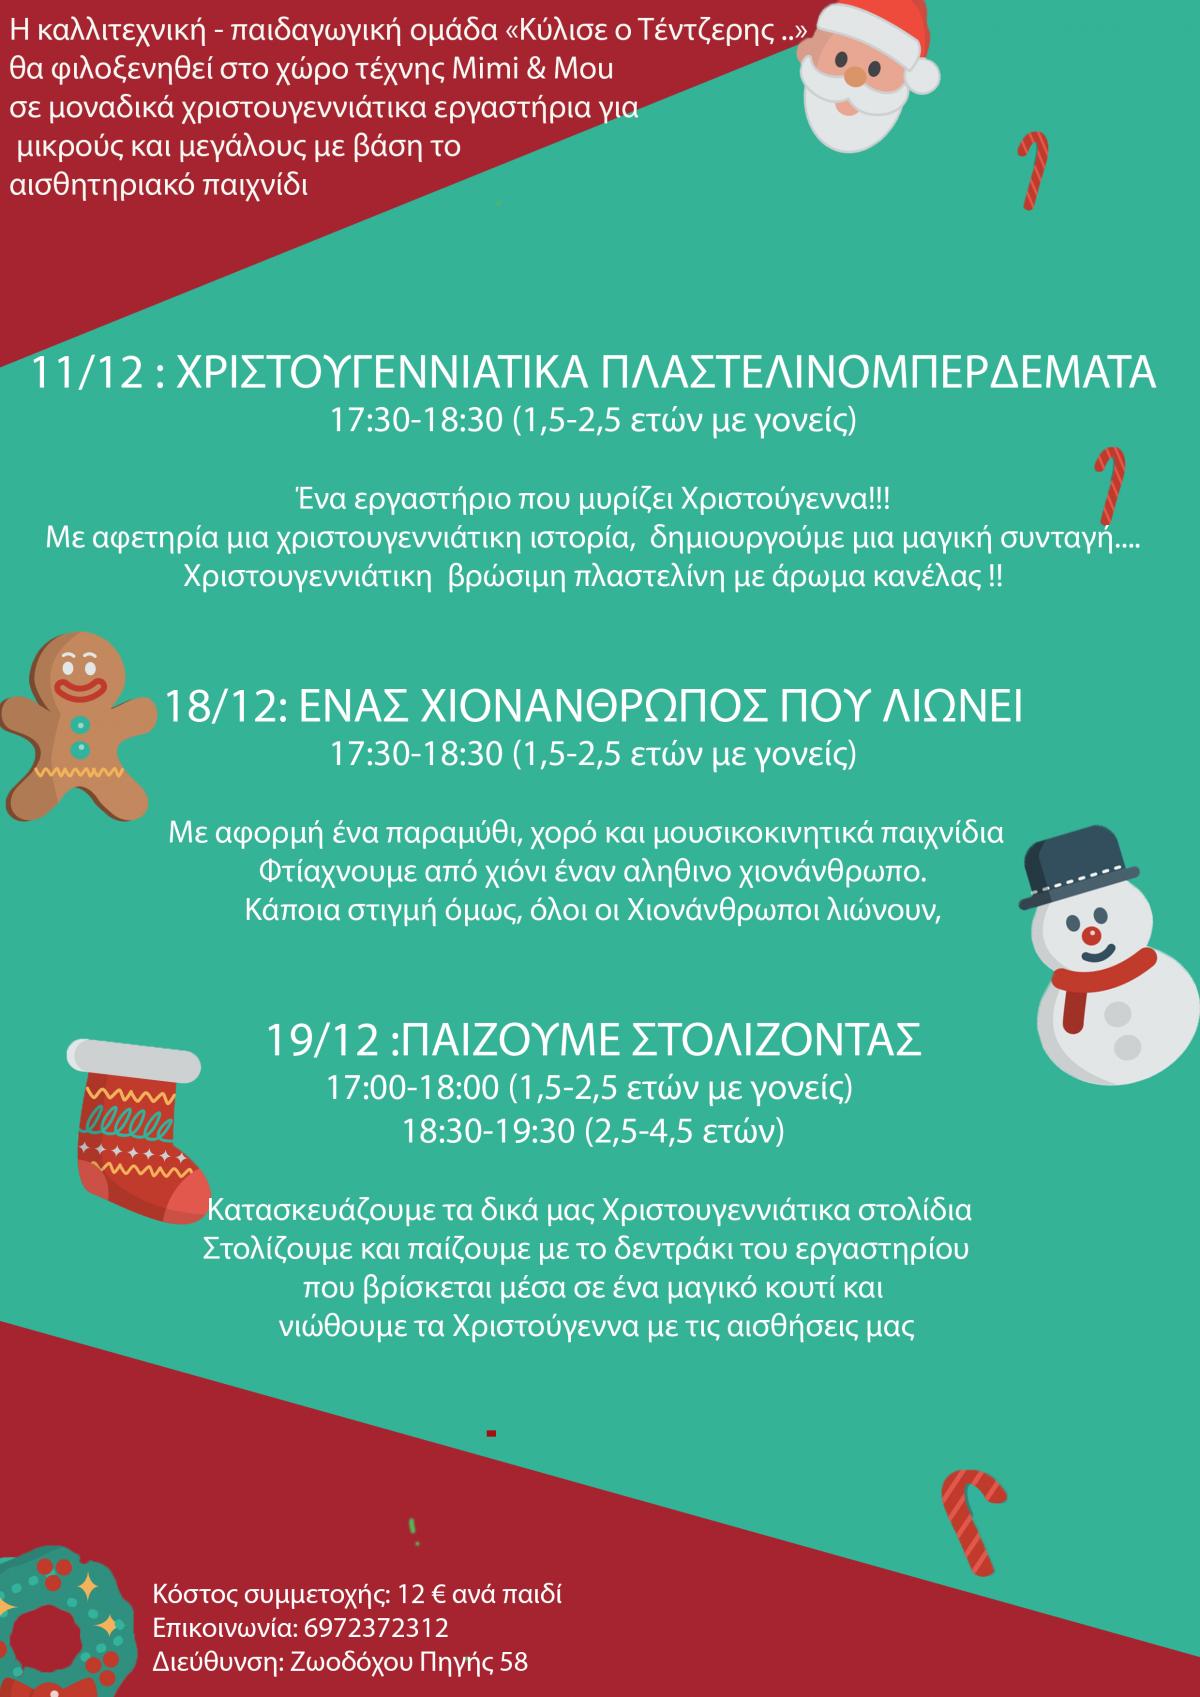 Παιδικά Χριστουγεννιάτικα Εργαστήρια από την ομάδα «Κύλησε ο Τέντζερης ..» στον πολυχώρο Mimi & Mou!